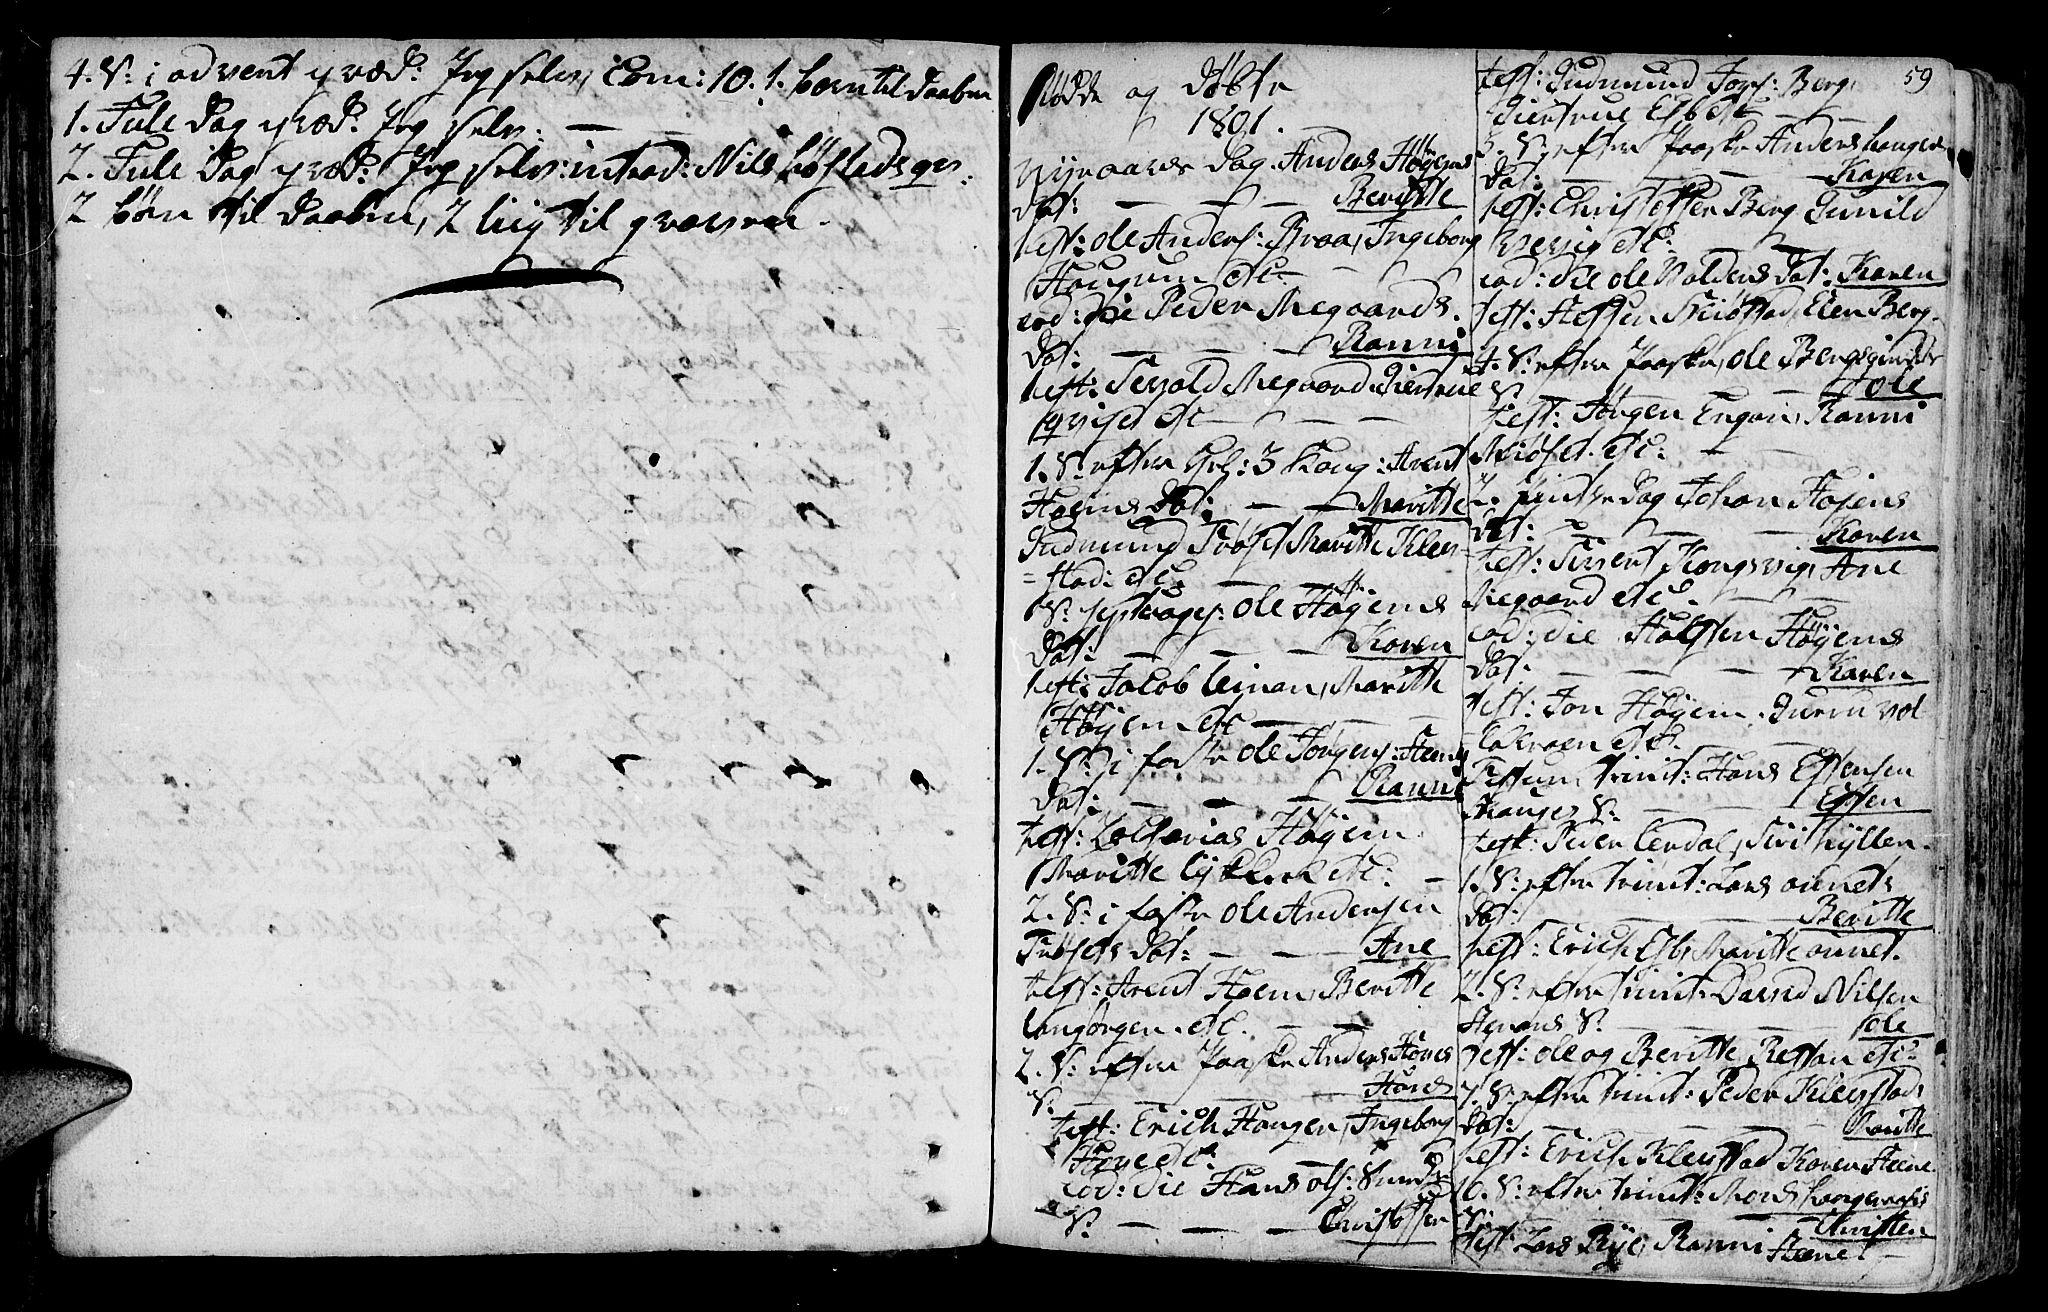 SAT, Ministerialprotokoller, klokkerbøker og fødselsregistre - Sør-Trøndelag, 612/L0370: Ministerialbok nr. 612A04, 1754-1802, s. 59